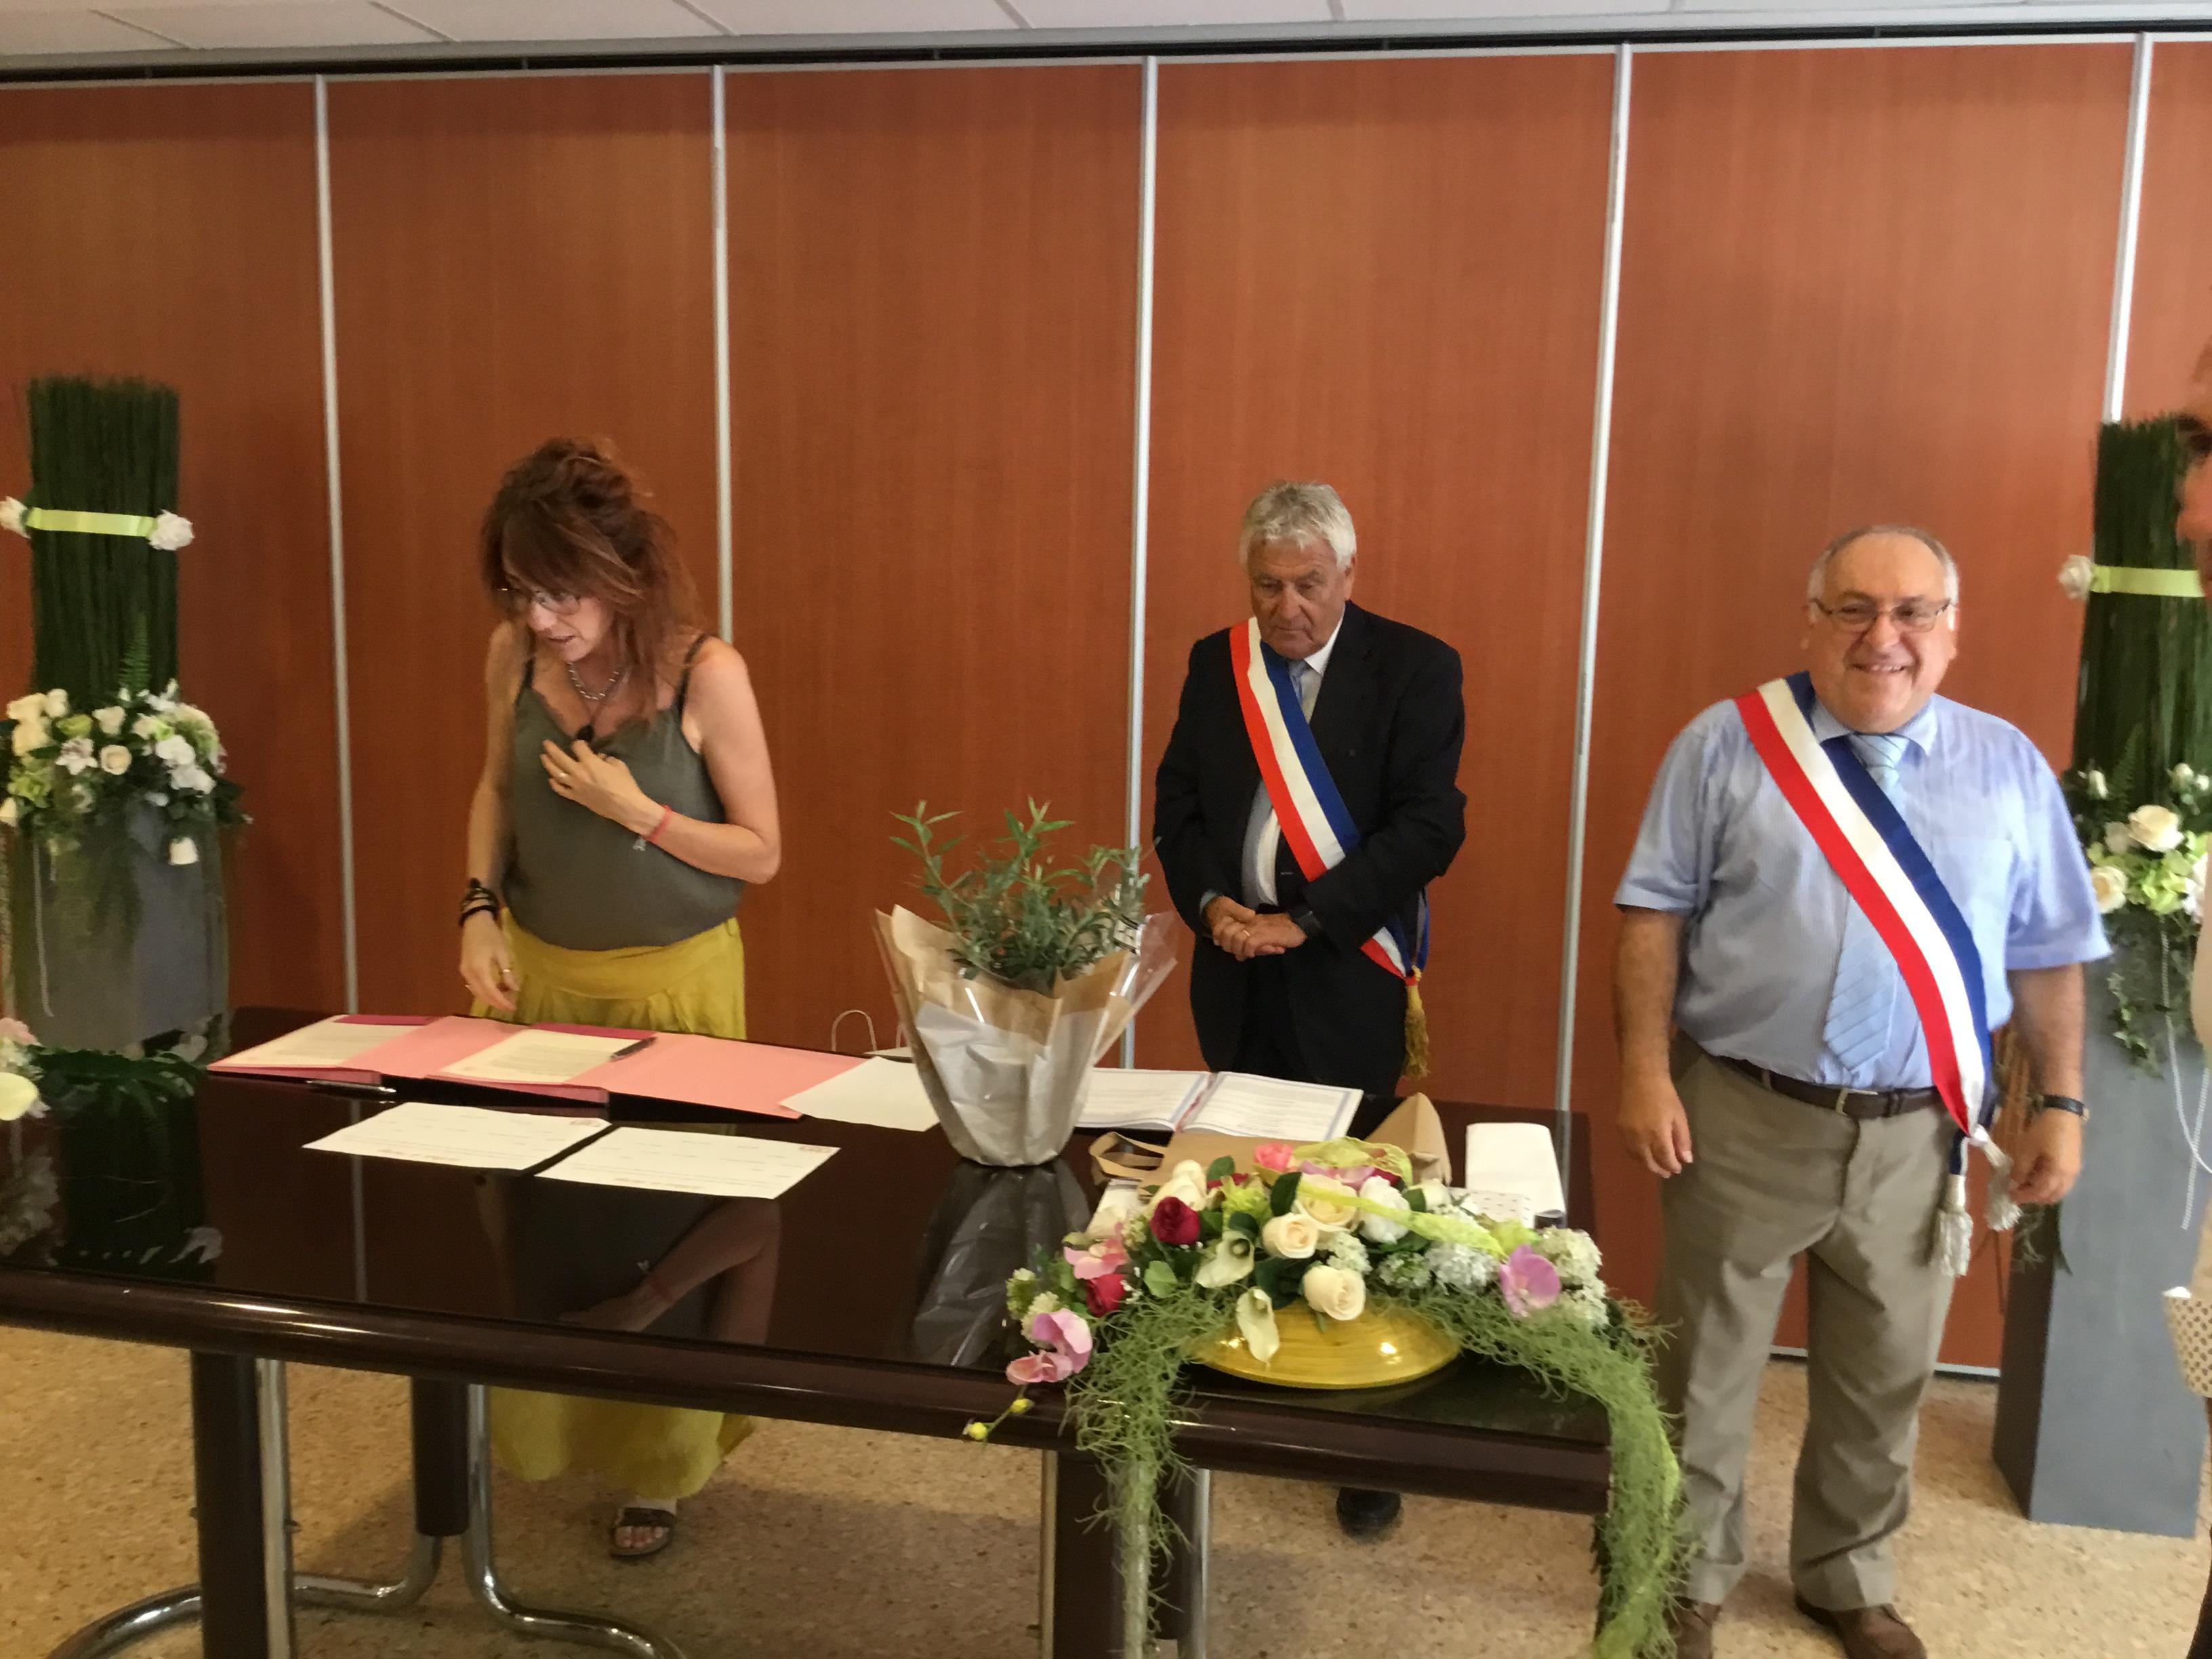 Un moment de bonheur : le Mariage de Delphine et Fred dans la mairie de Septemes avec André Molino !